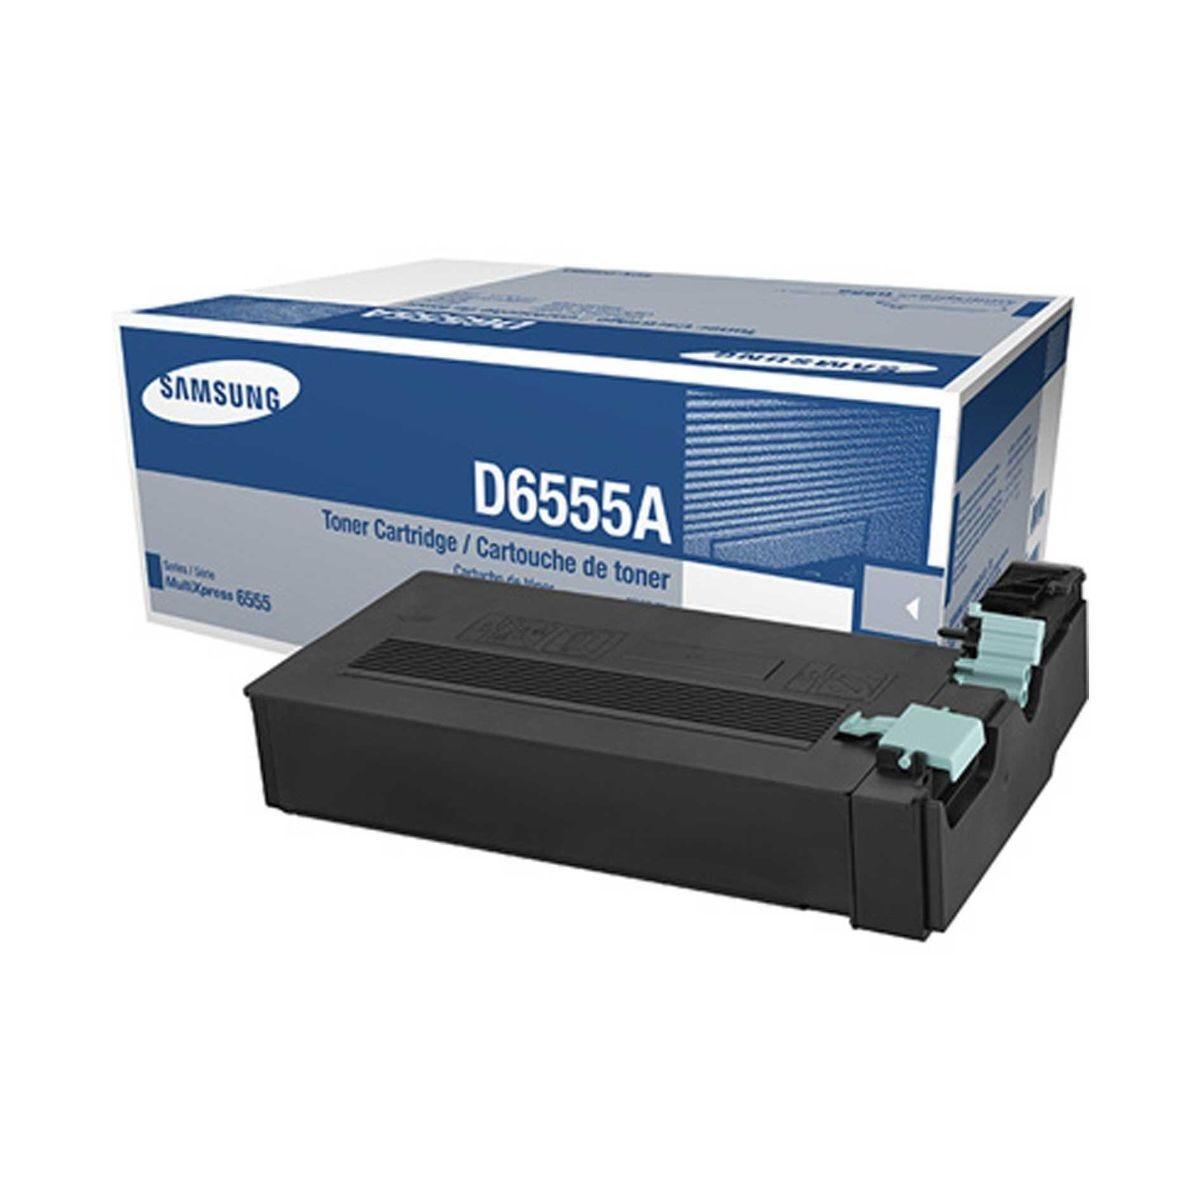 Samsung SCX-D6555A Printer Ink Toner Cartridge